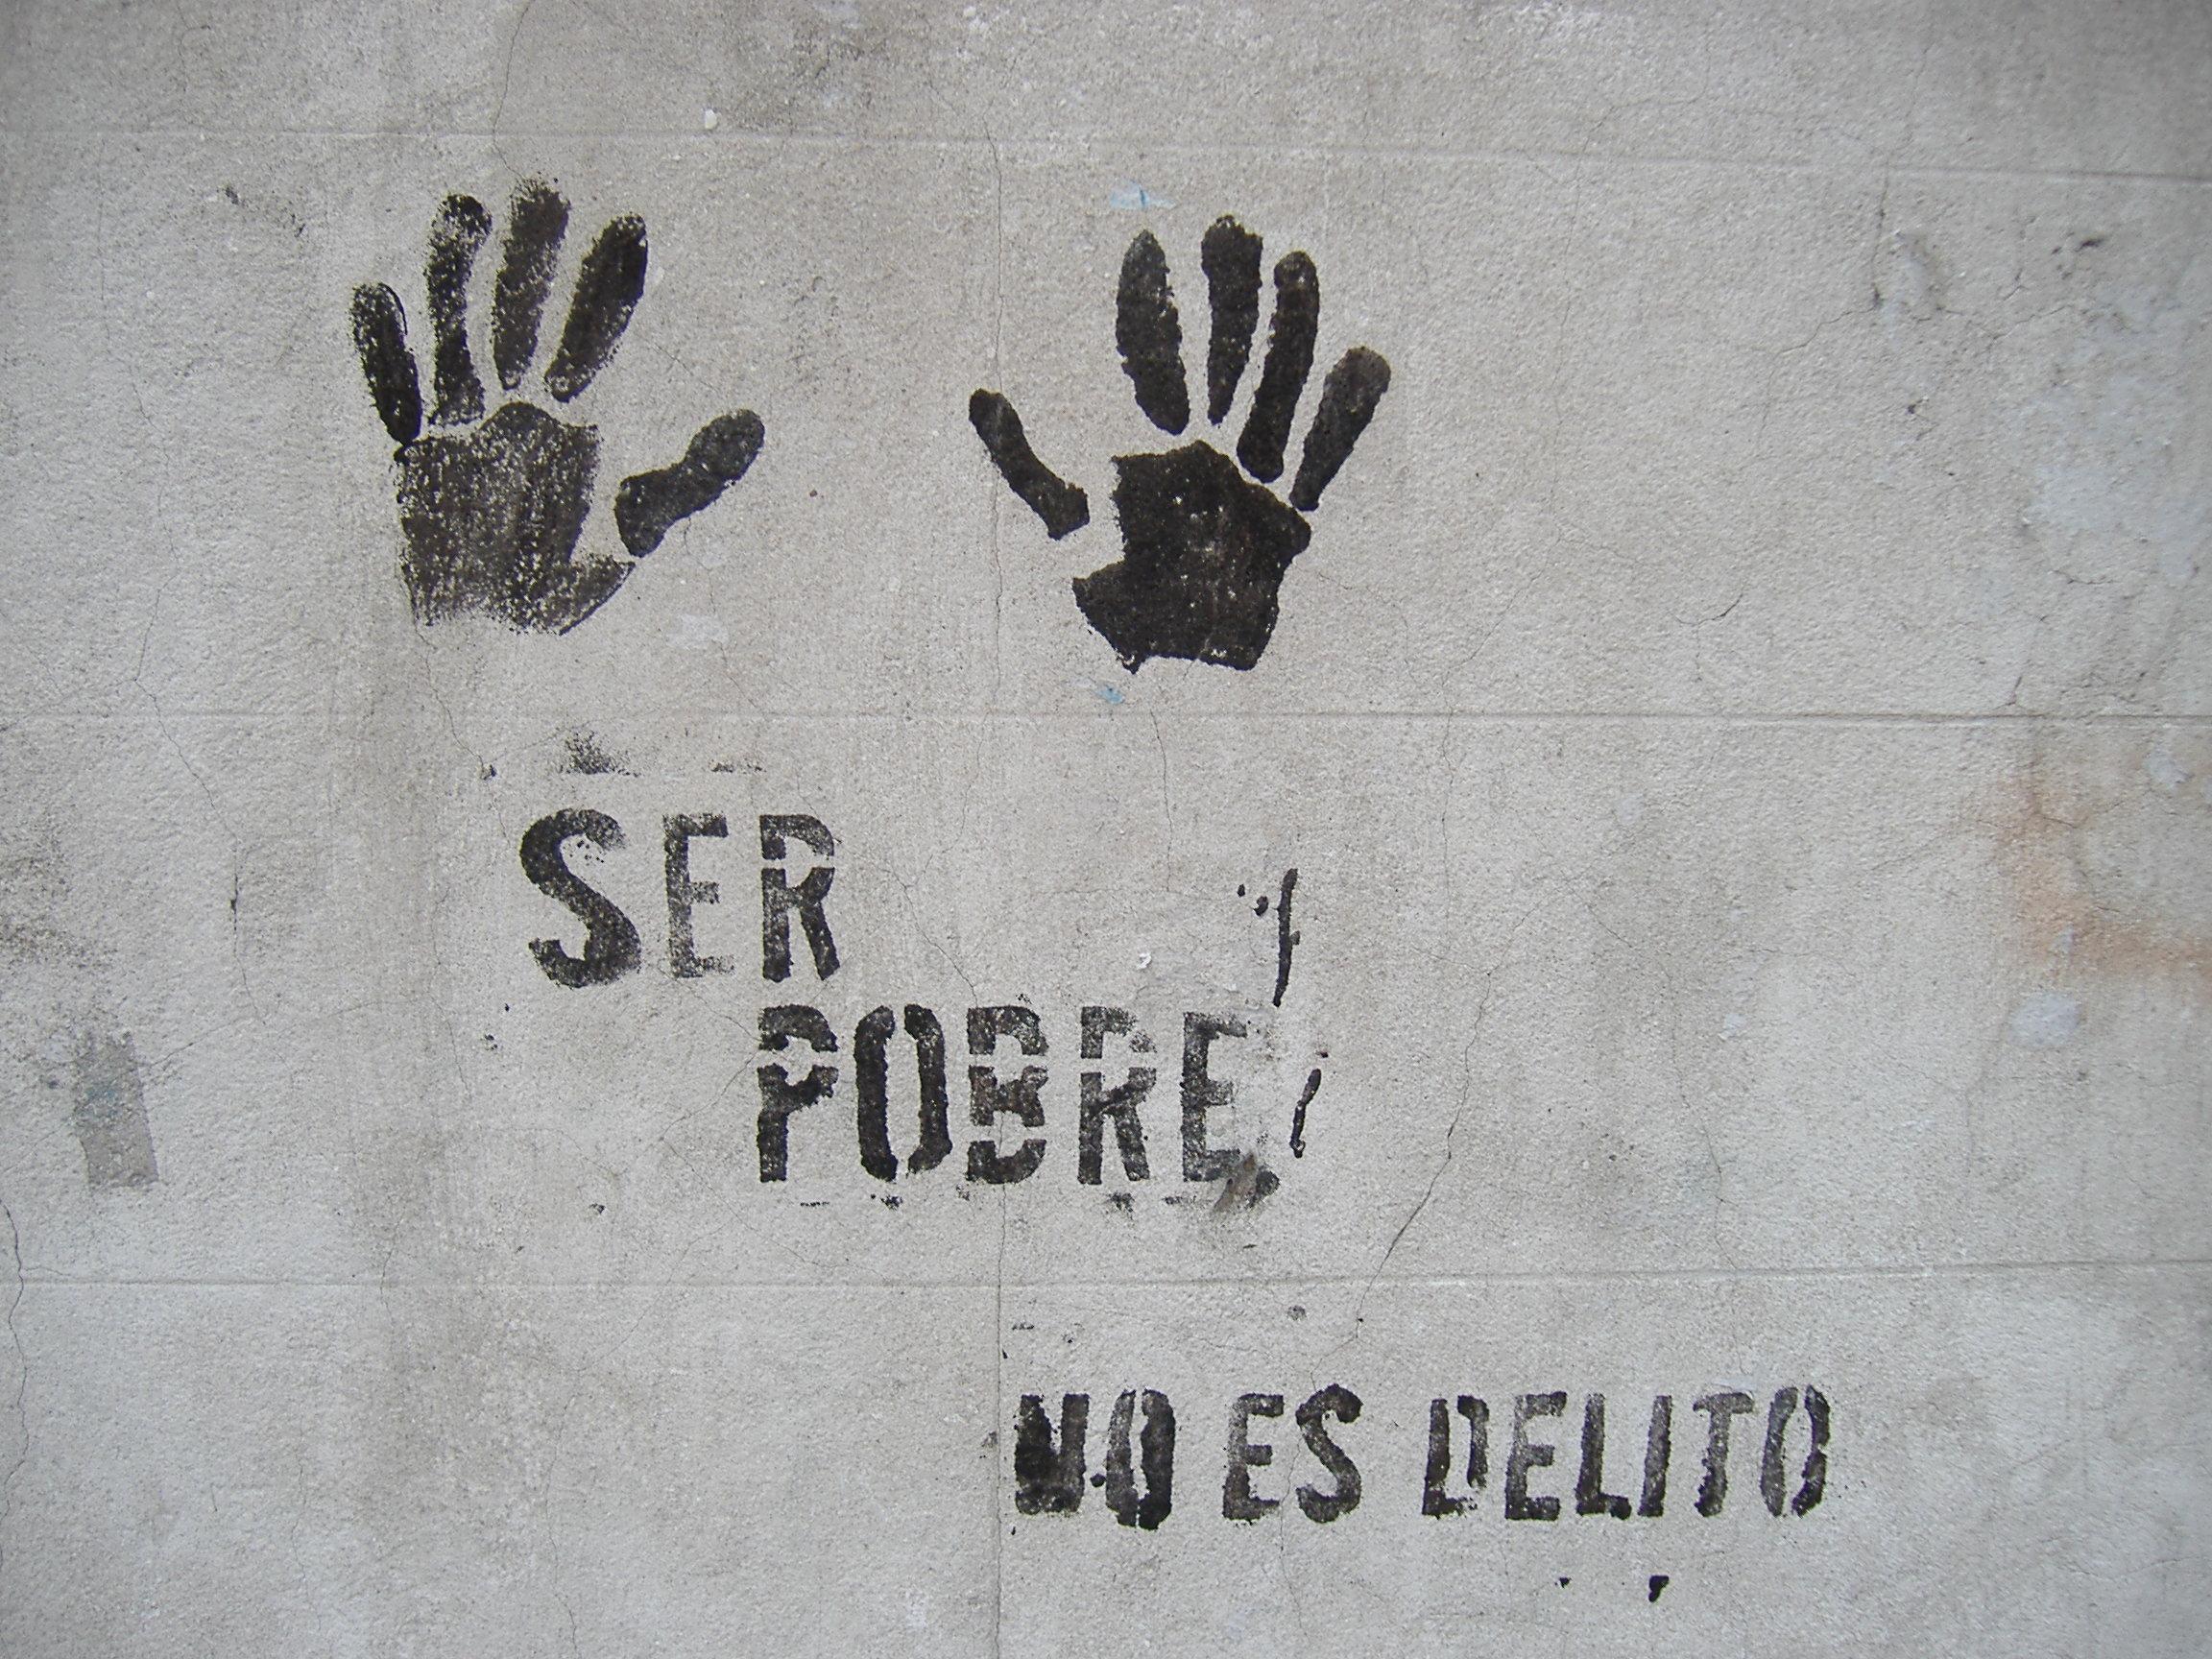 Delito y criminalización. \u201c